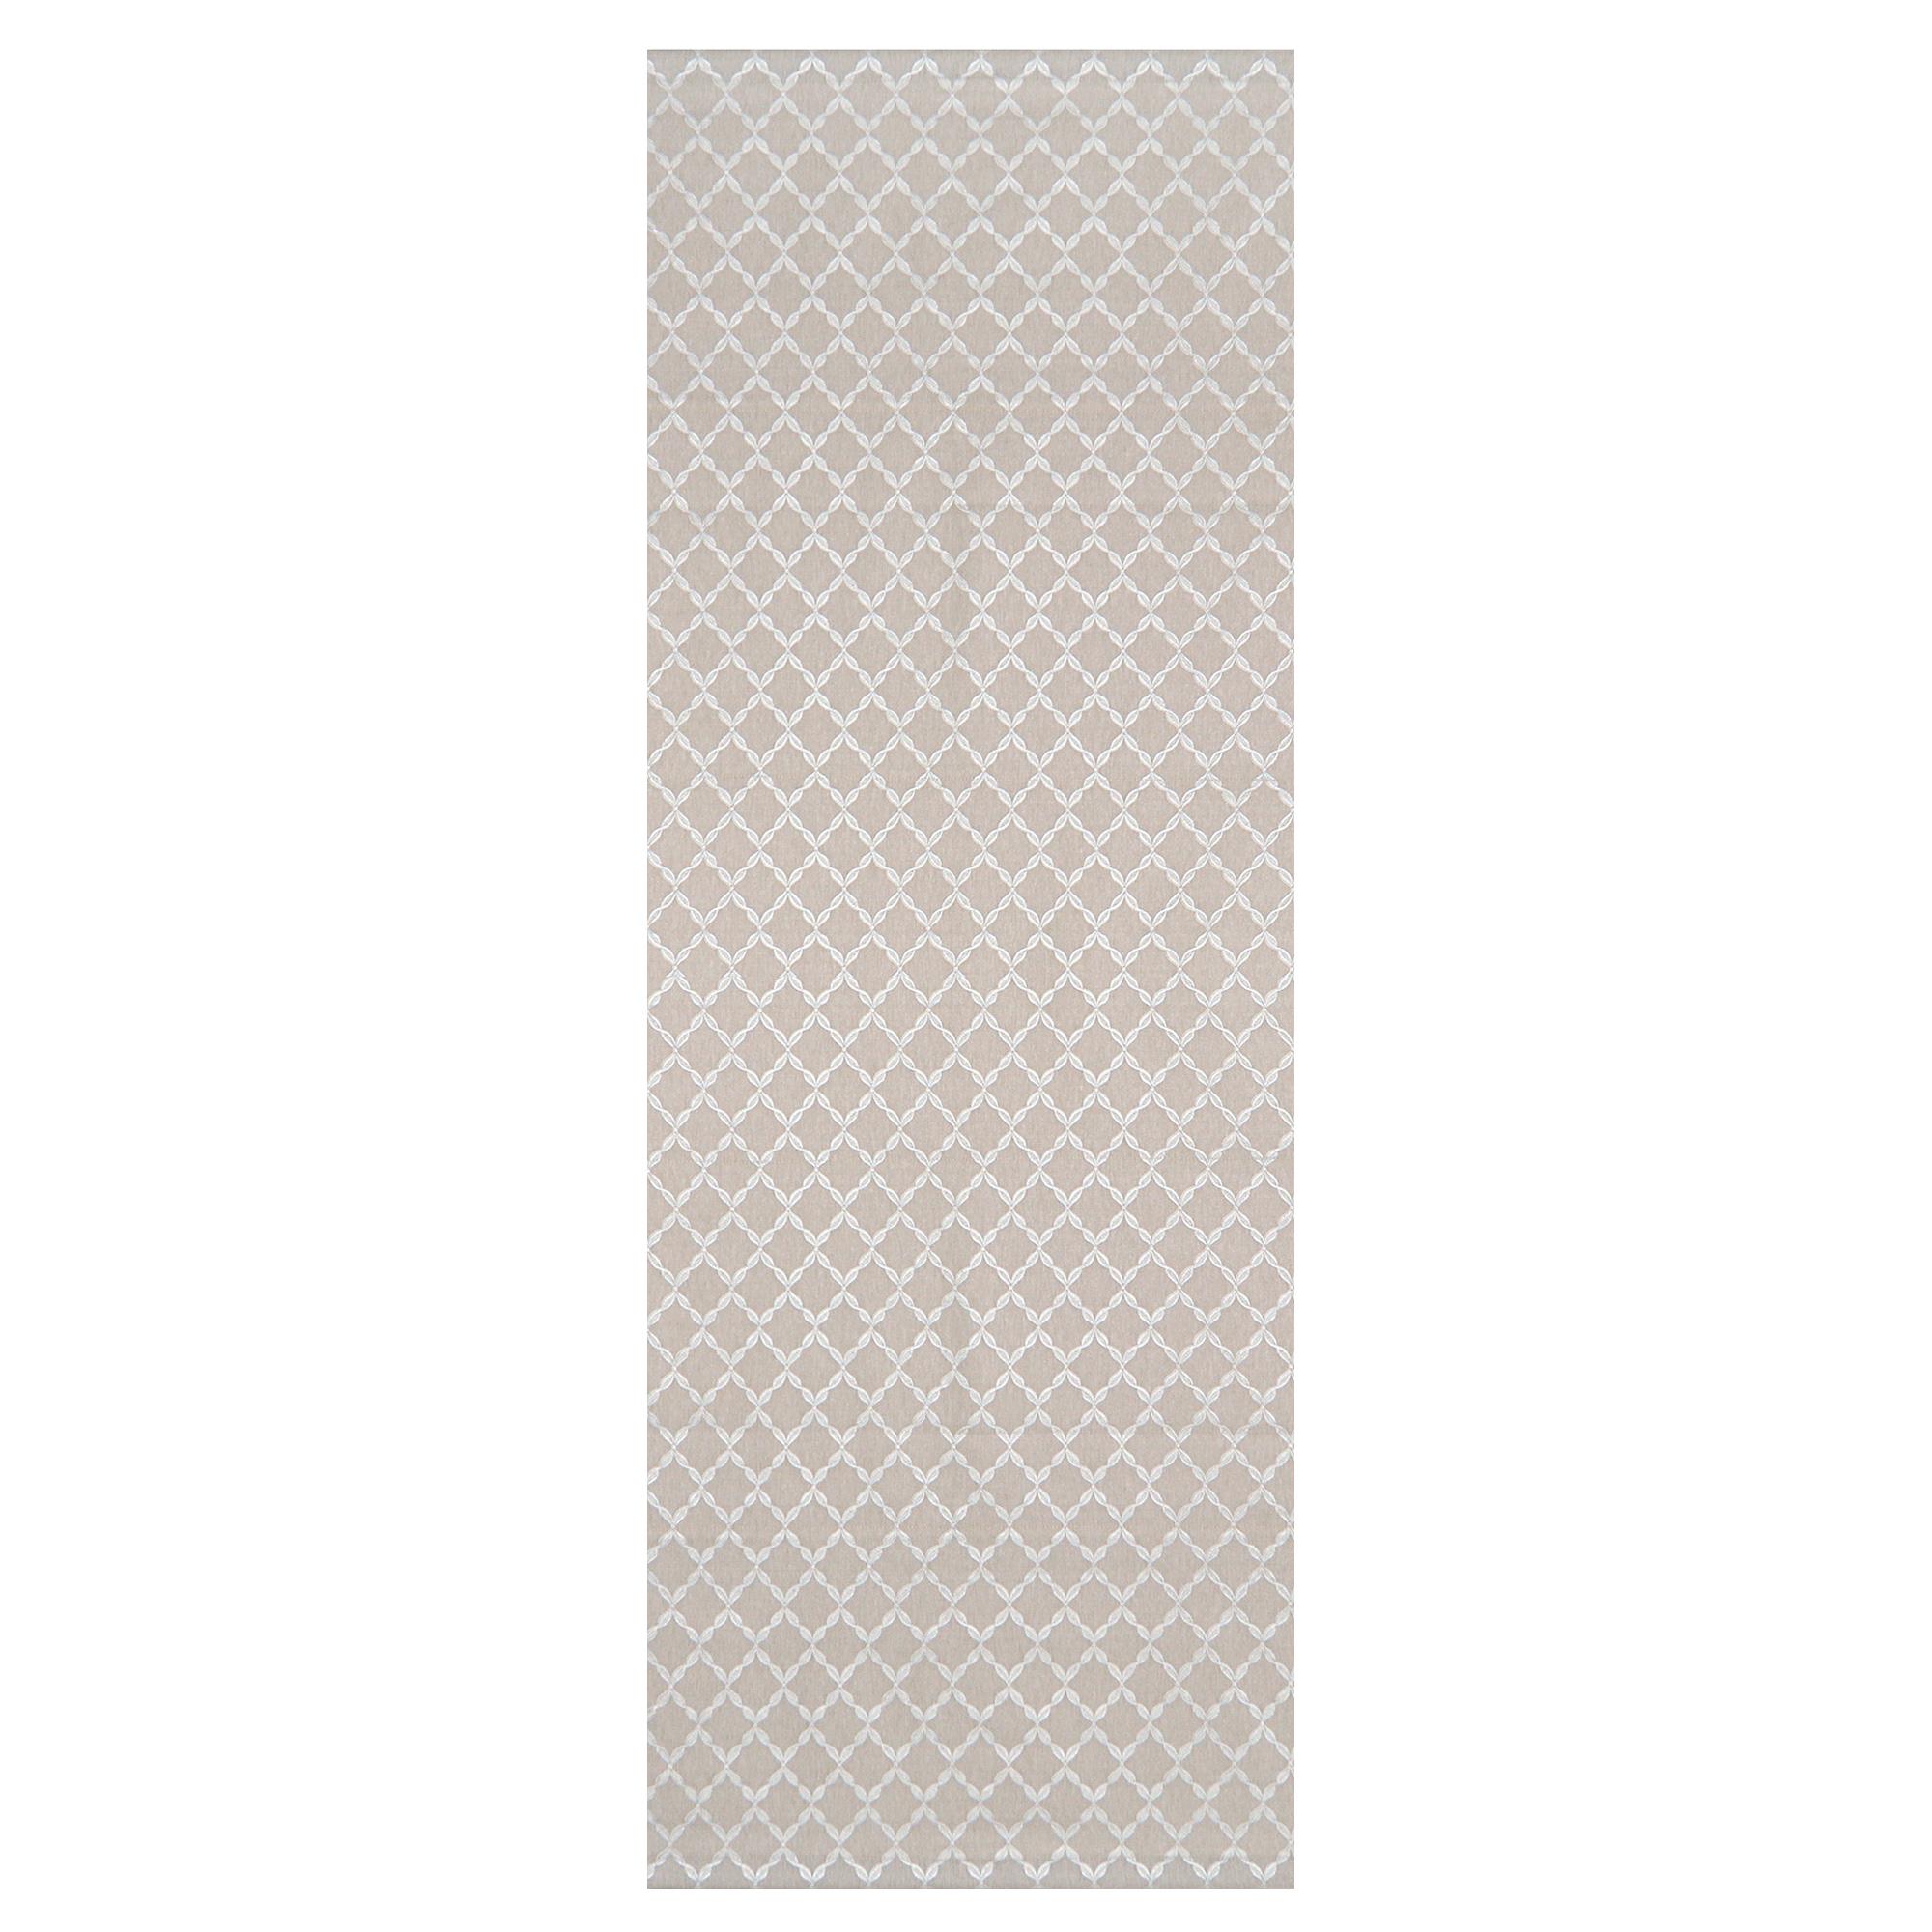 Фото - Римская штора Garden 60x160, бежевый римская штора томдом олинави нефритовый